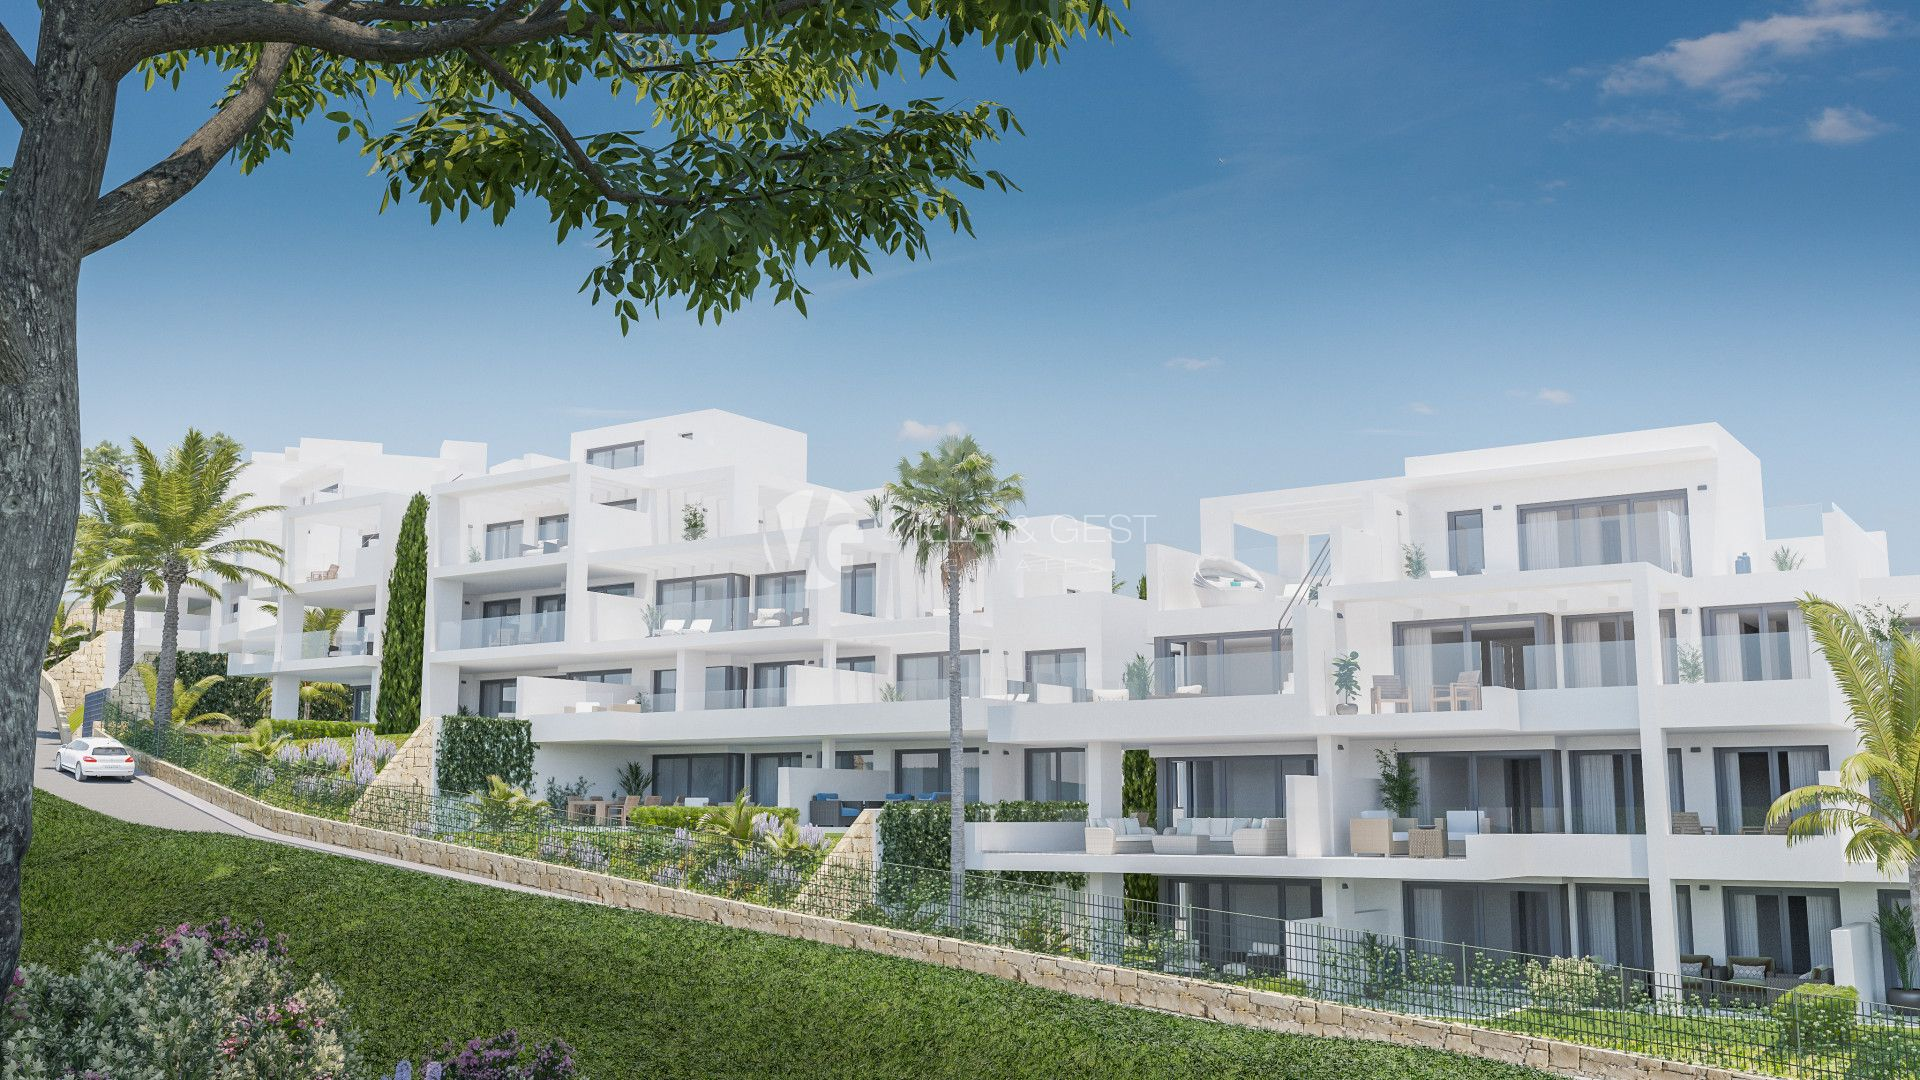 Moderm apartment in nature, Promoción en Estepona